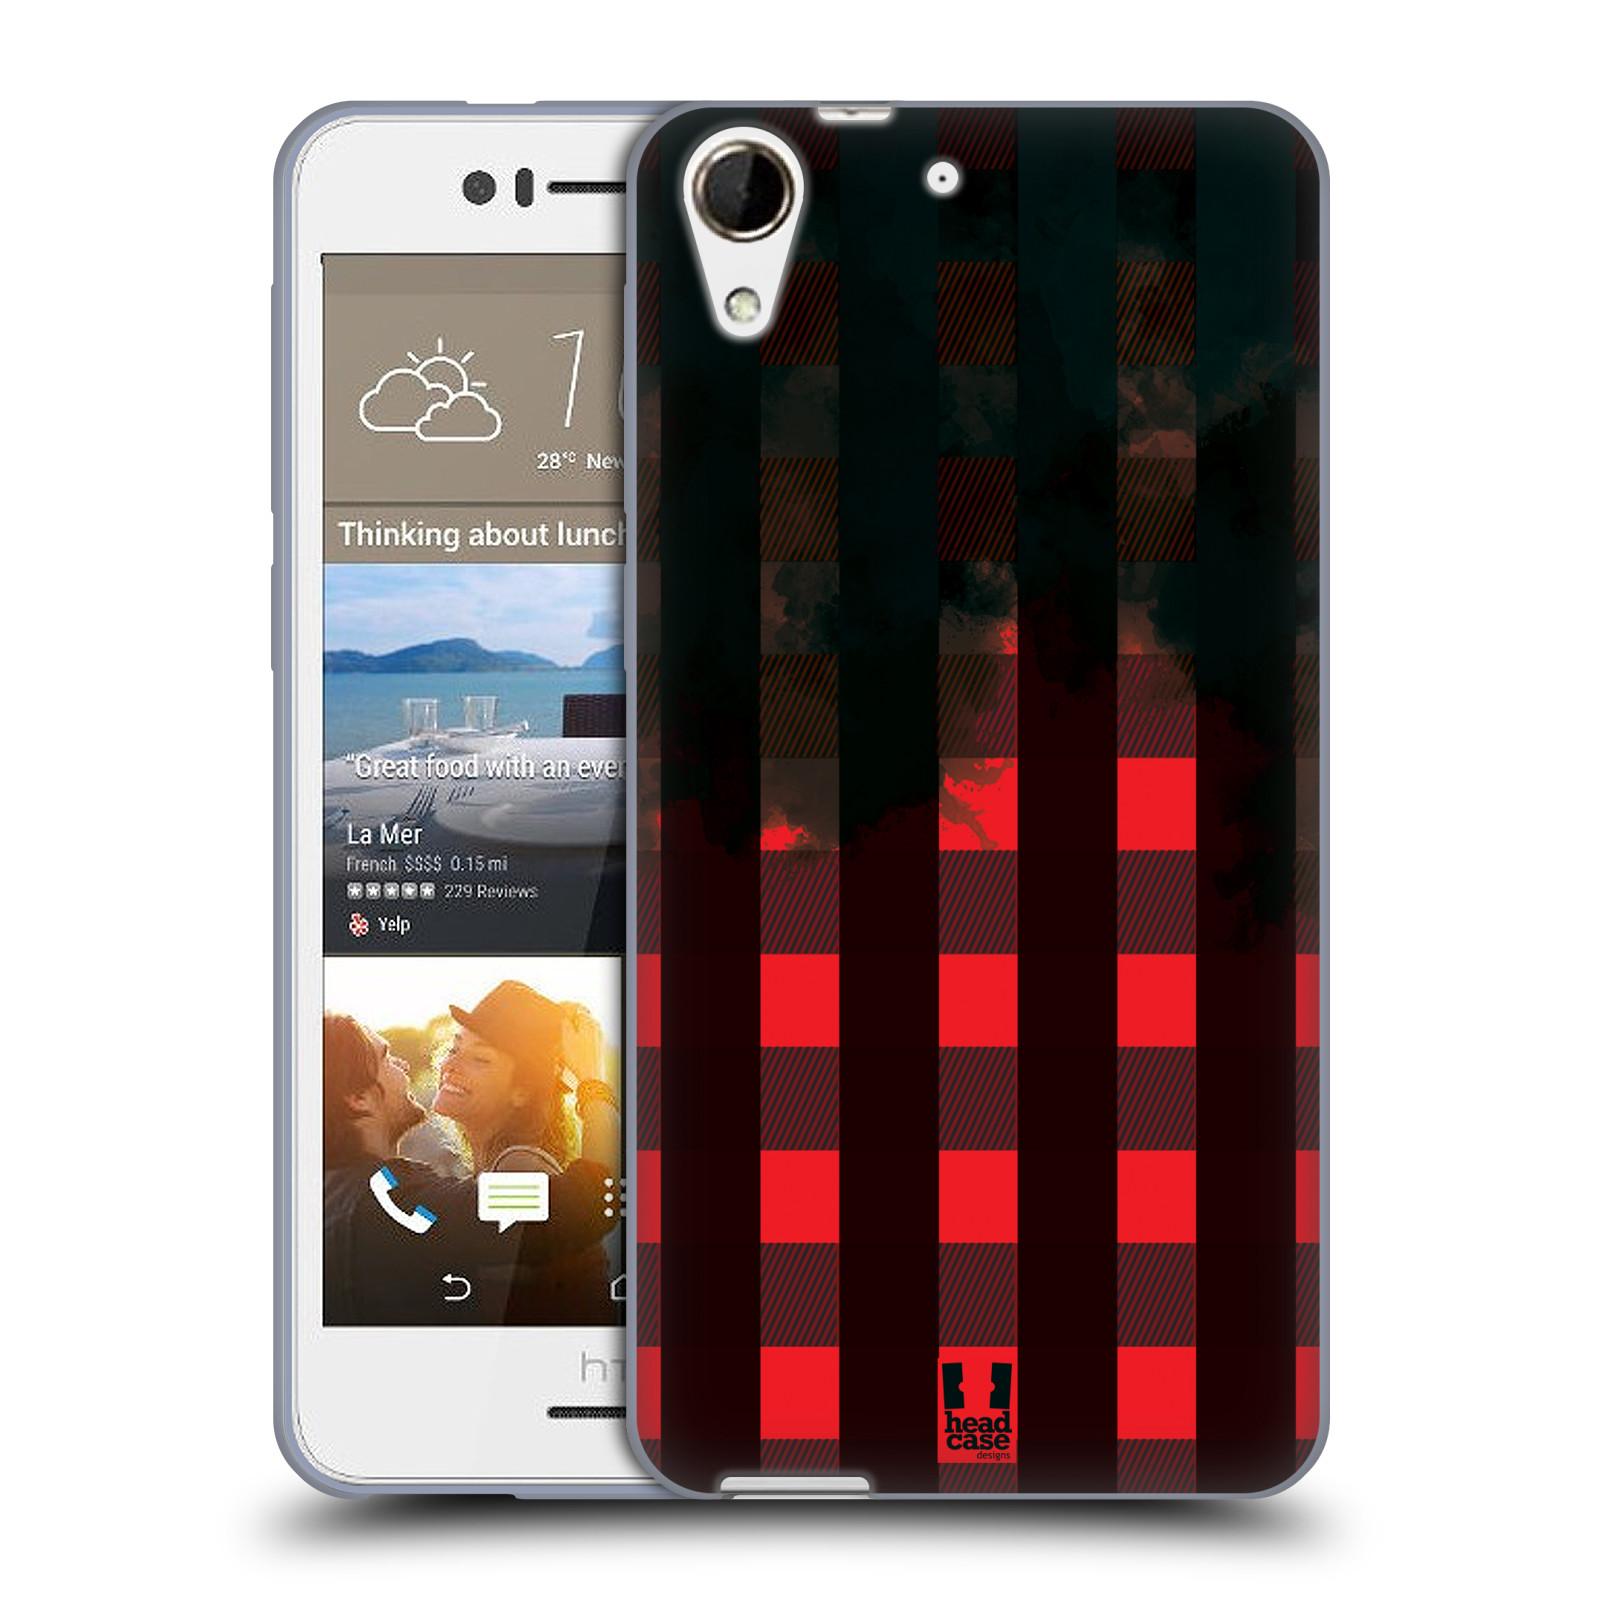 Silikonové pouzdro na mobil HTC Desire 728G Dual SIM HEAD CASE FLANEL RED BLACK (Silikonový kryt či obal na mobilní telefon HTC Desire 728 G Dual SIM)